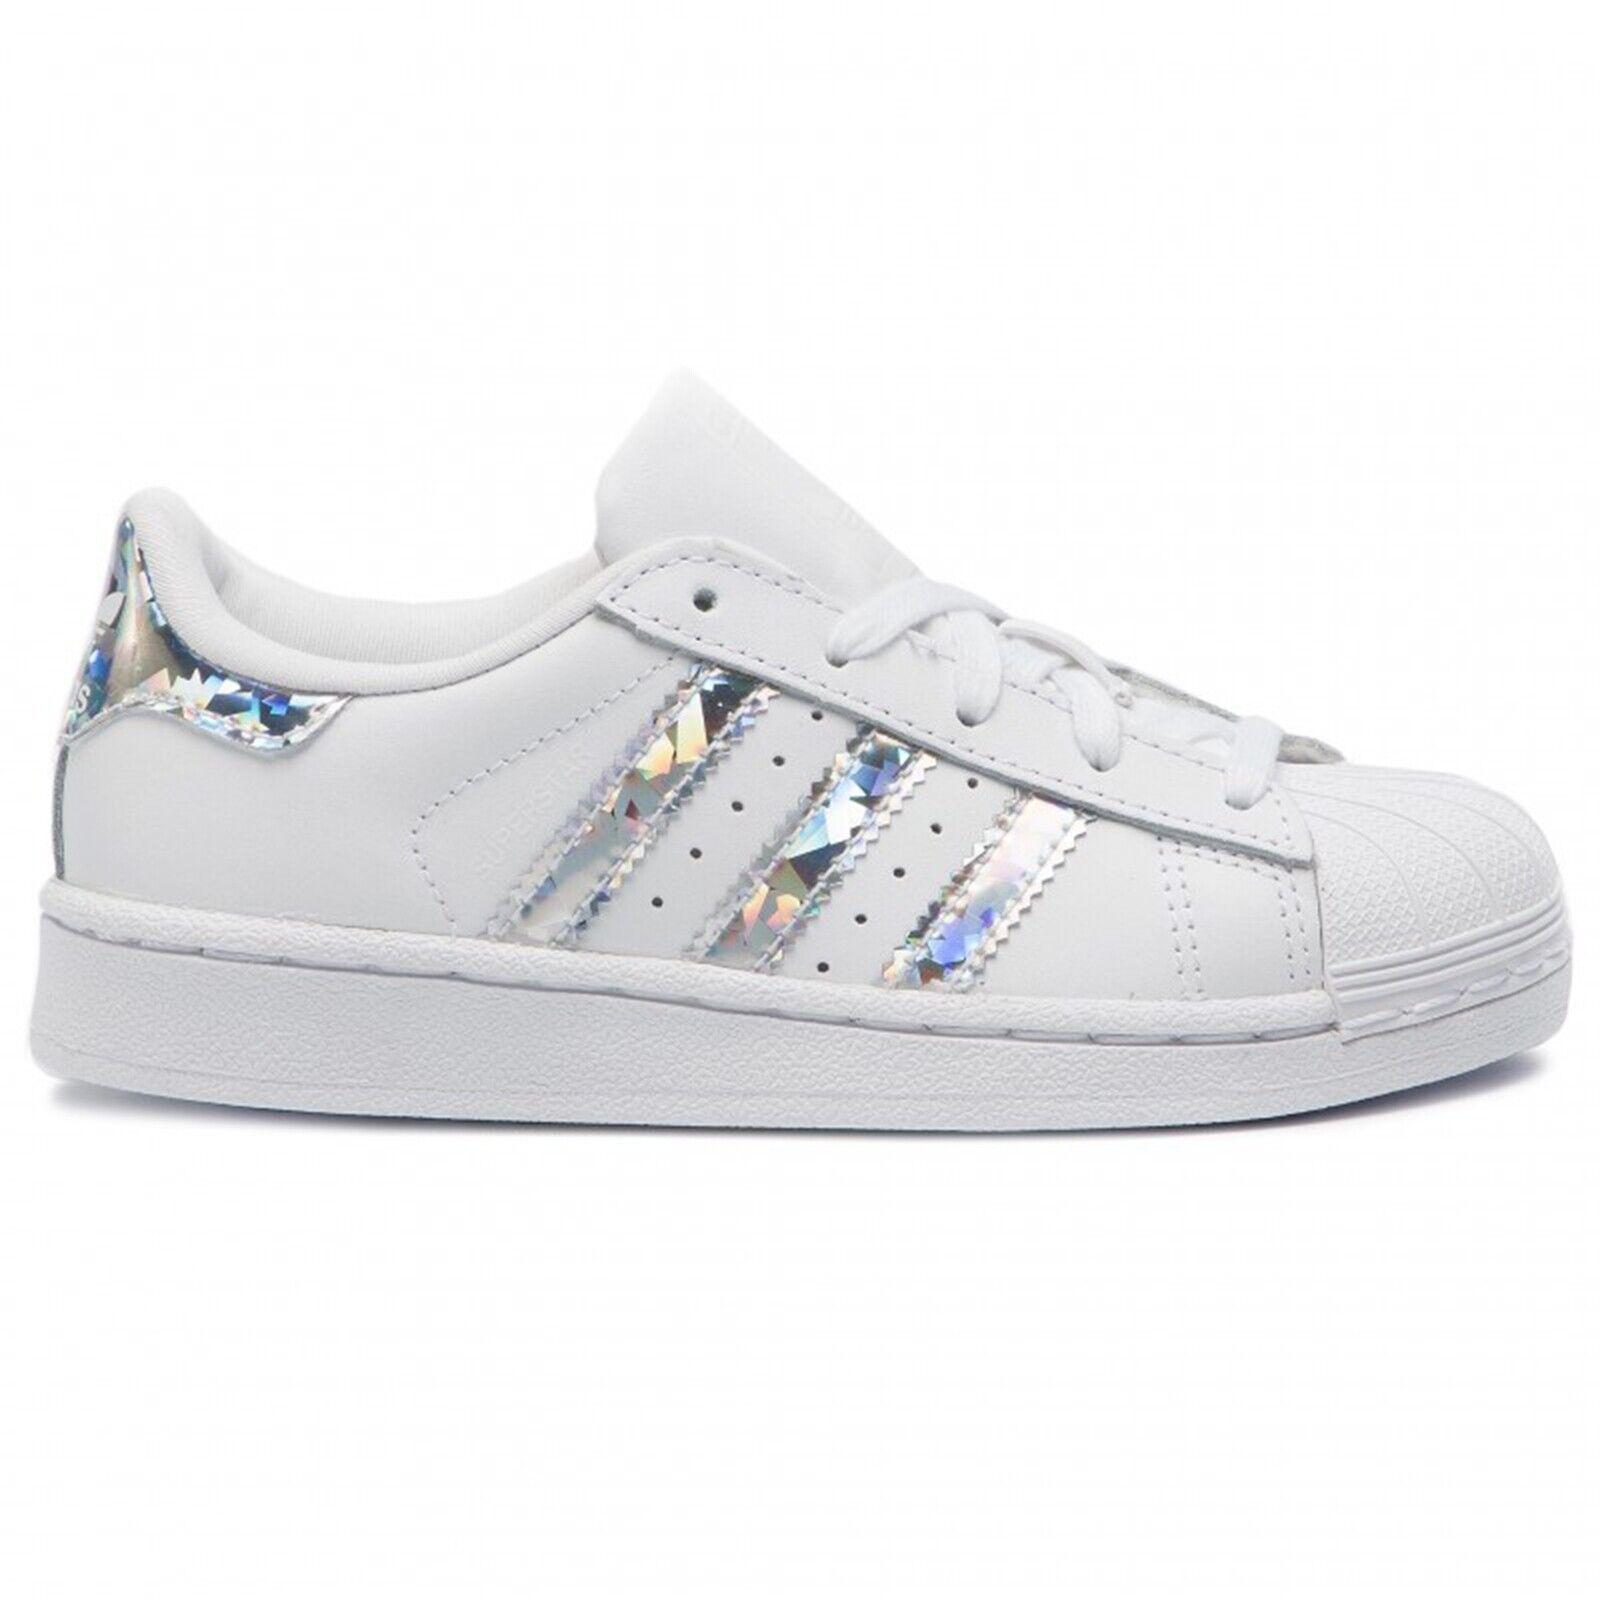 Adidas Superestrella C blancoo Plata Iridescent Zapatillas Niña Cg6708